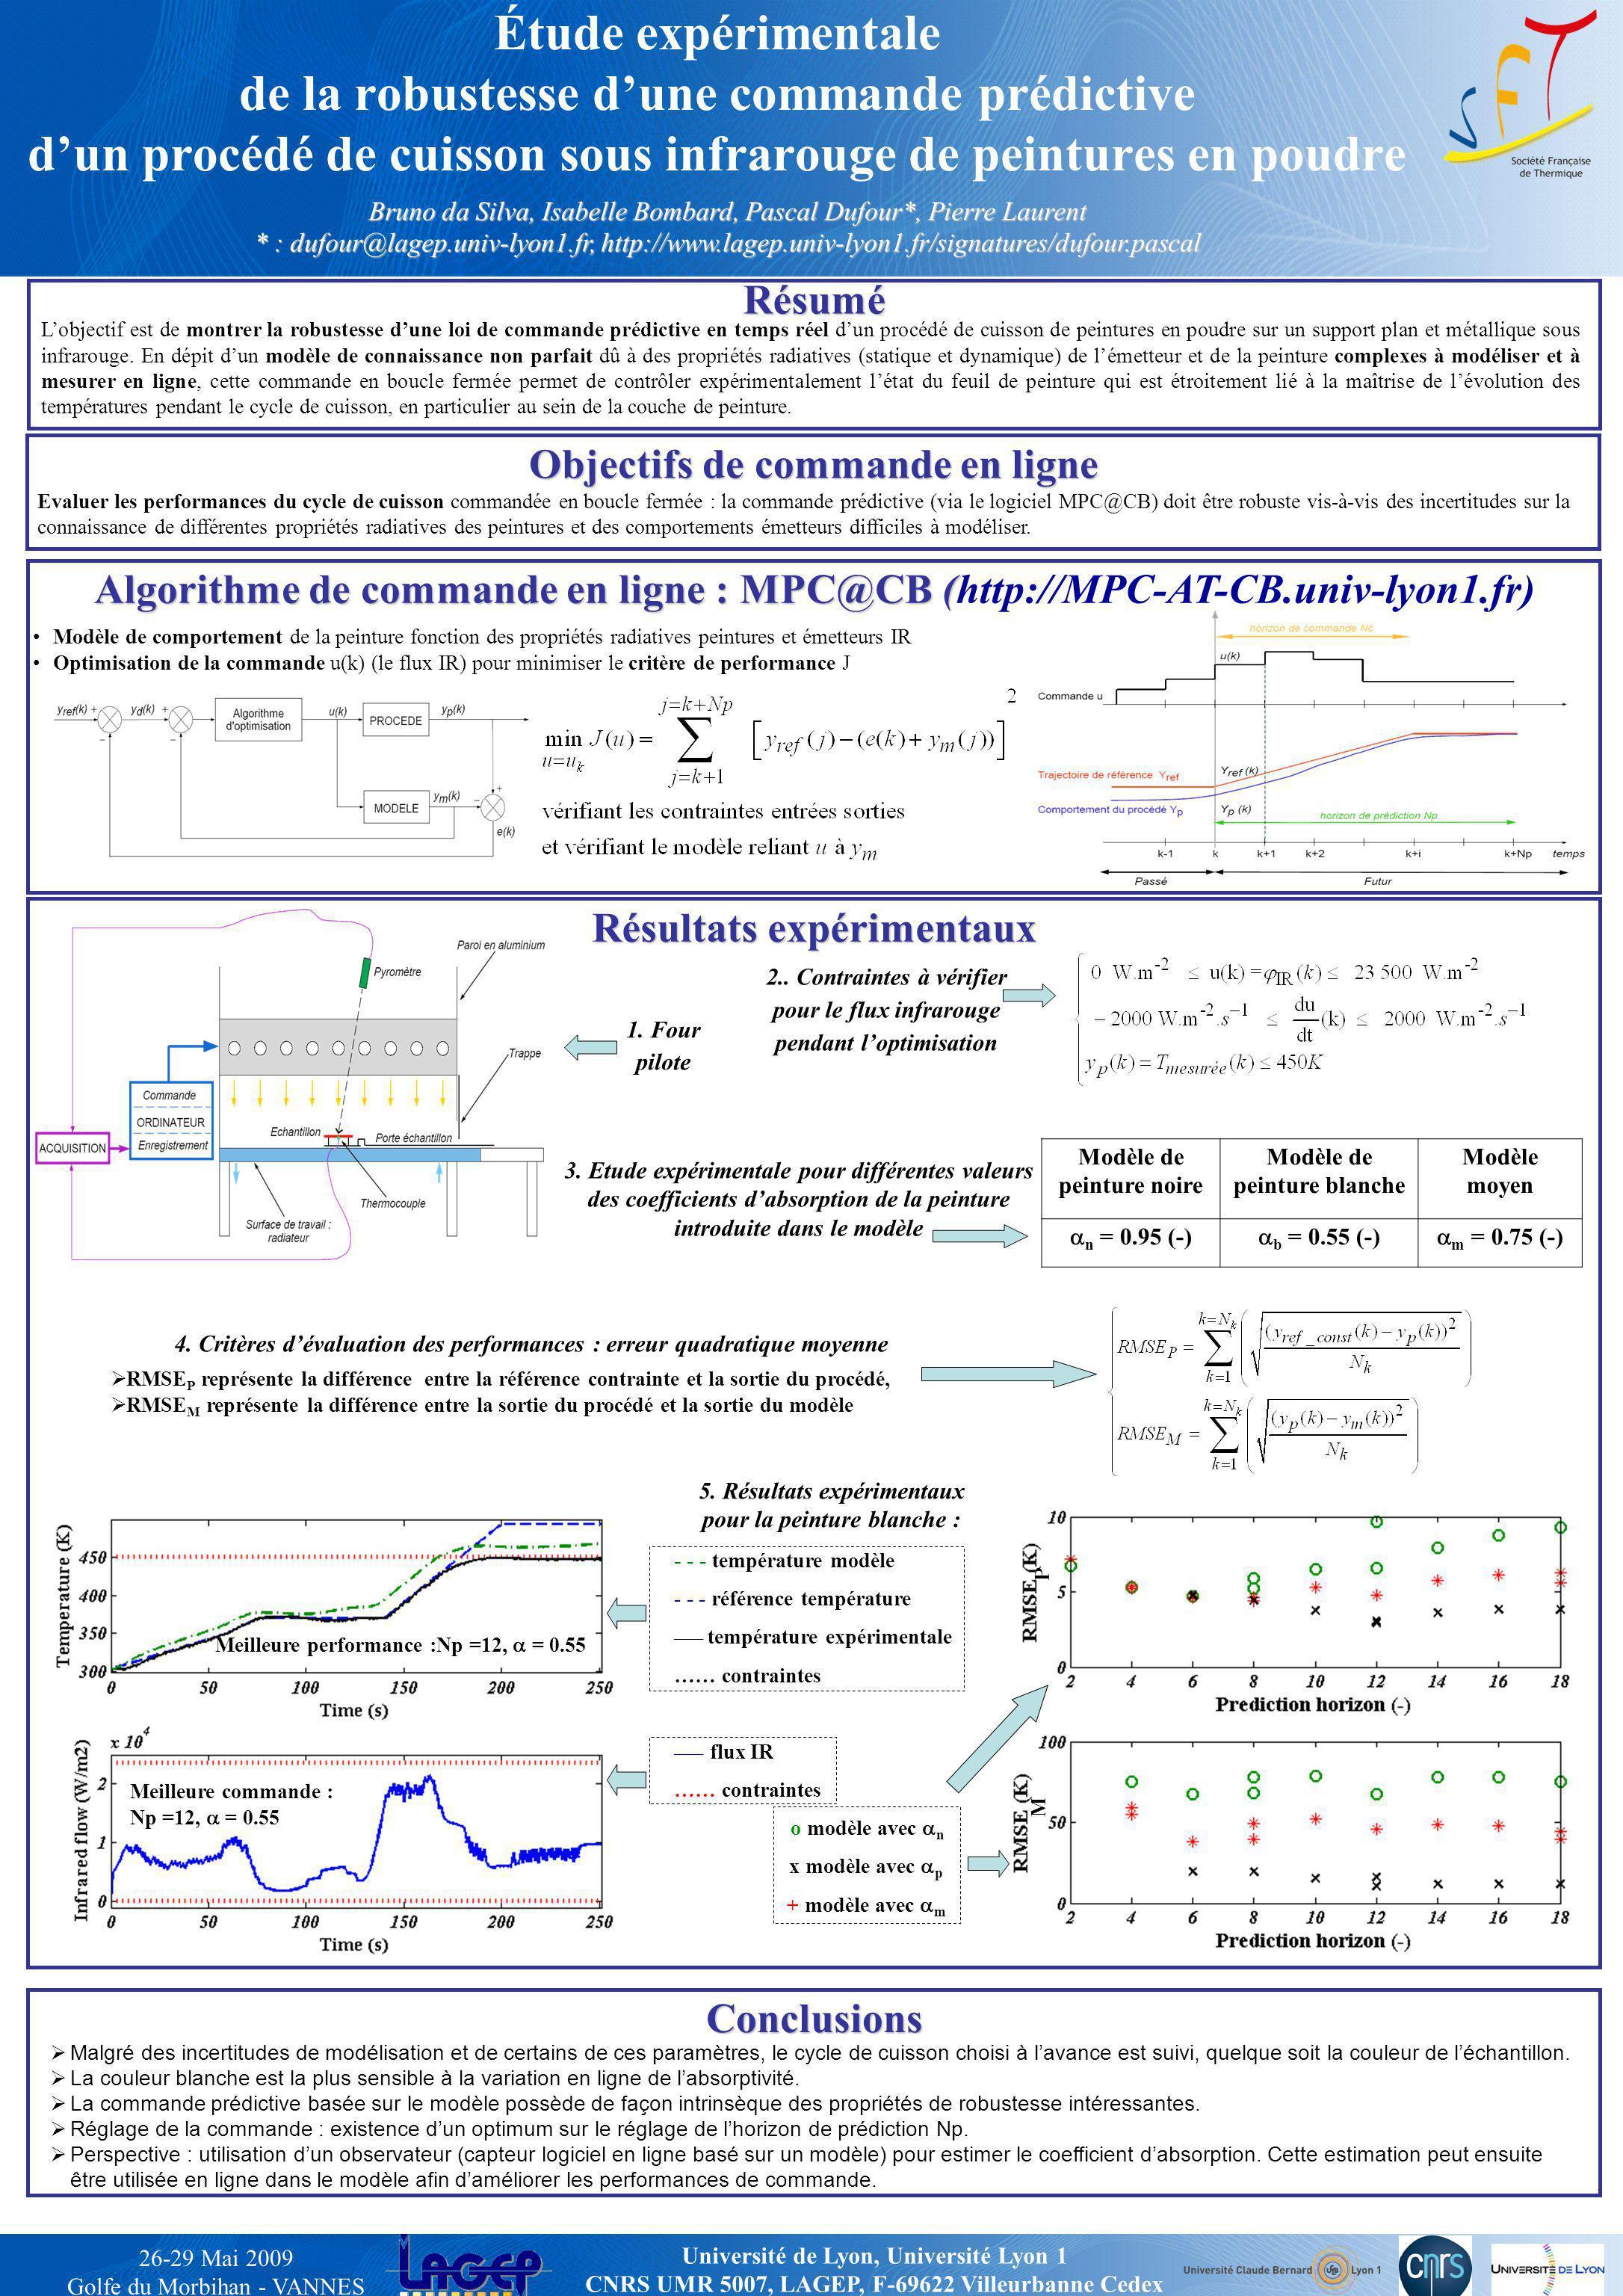 Résumé Algorithme de commande en ligne : MPC@CB ( Algorithme de commande en ligne : MPC@CB (http://MPC-AT-CB.univ-lyon1.fr) Modèle de comportement de la peinture fonction des propriétés radiatives peintures et émetteurs IR Optimisation de la commande u(k) (le flux IR) pour minimiser le critère de performance J Conclusions Résultats expérimentaux 26-29 Mai 2009 Golfe du Morbihan - VANNES Bruno da Silva, Isabelle Bombard,Pascal Dufour*, Pierre Laurent Bruno da Silva, Isabelle Bombard, Pascal Dufour*, Pierre Laurent * : dufour@lagep.univ-lyon1.fr, http://www.lagep.univ-lyon1.fr/signatures/dufour.pascal Université de Lyon, Université Lyon 1 CNRS UMR 5007, LAGEP, F-69622 Villeurbanne Cedex Objectifs de commande en ligne Evaluer les performances du cycle de cuisson commandée en boucle fermée : la commande prédictive (via le logiciel MPC@CB) doit être robuste vis-à-vis des incertitudes sur la connaissance de différentes propriétés radiatives des peintures et des comportements émetteurs difficiles à modéliser.